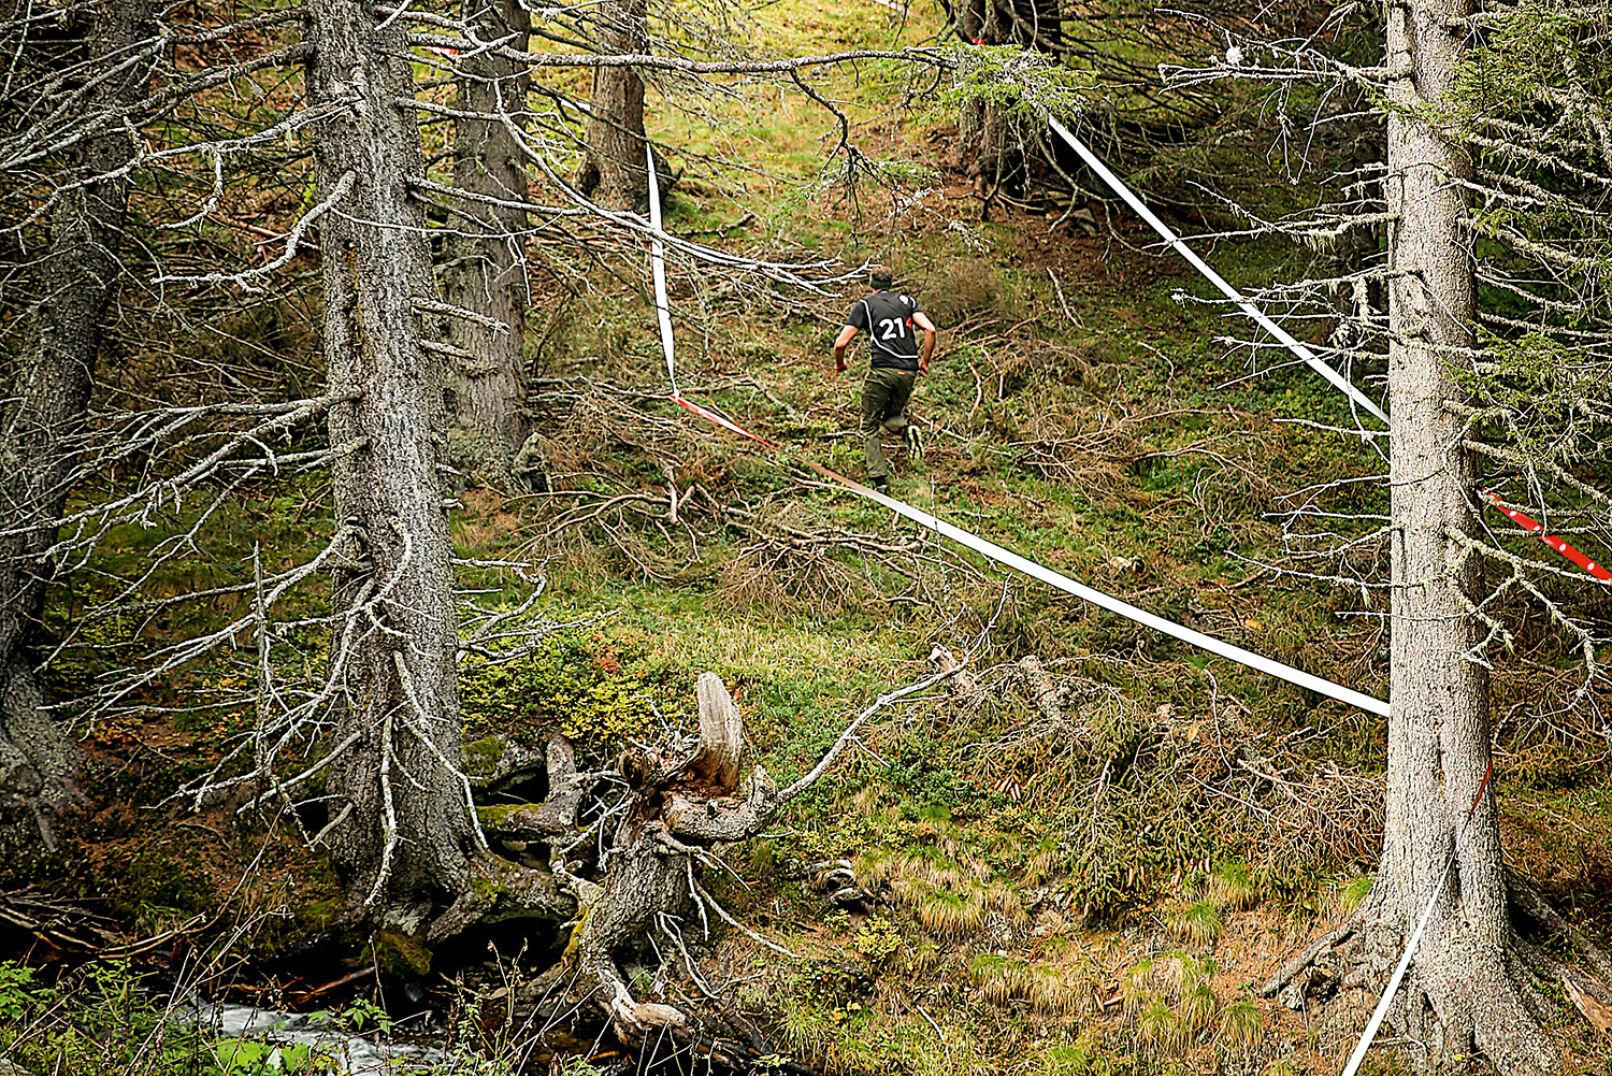 Bergauf, bergab, durch den Wald - abwechslungsreich präsentierte sich die zu absolvierende Strecke! - © Peter Rigaud